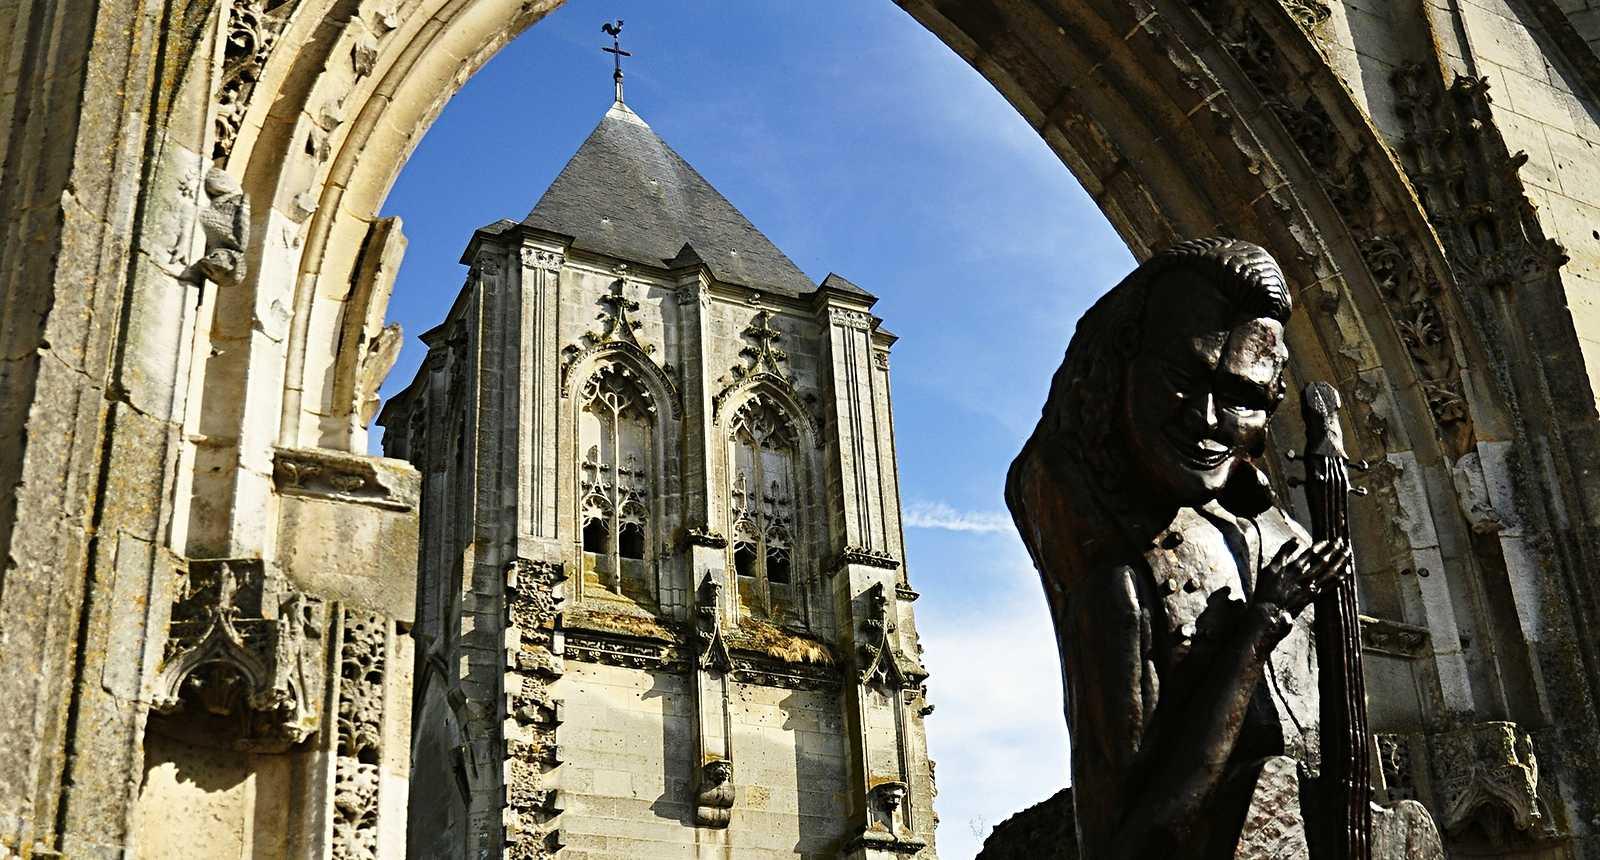 Image : Office de Tourisme* de Verneuil-sur-avre